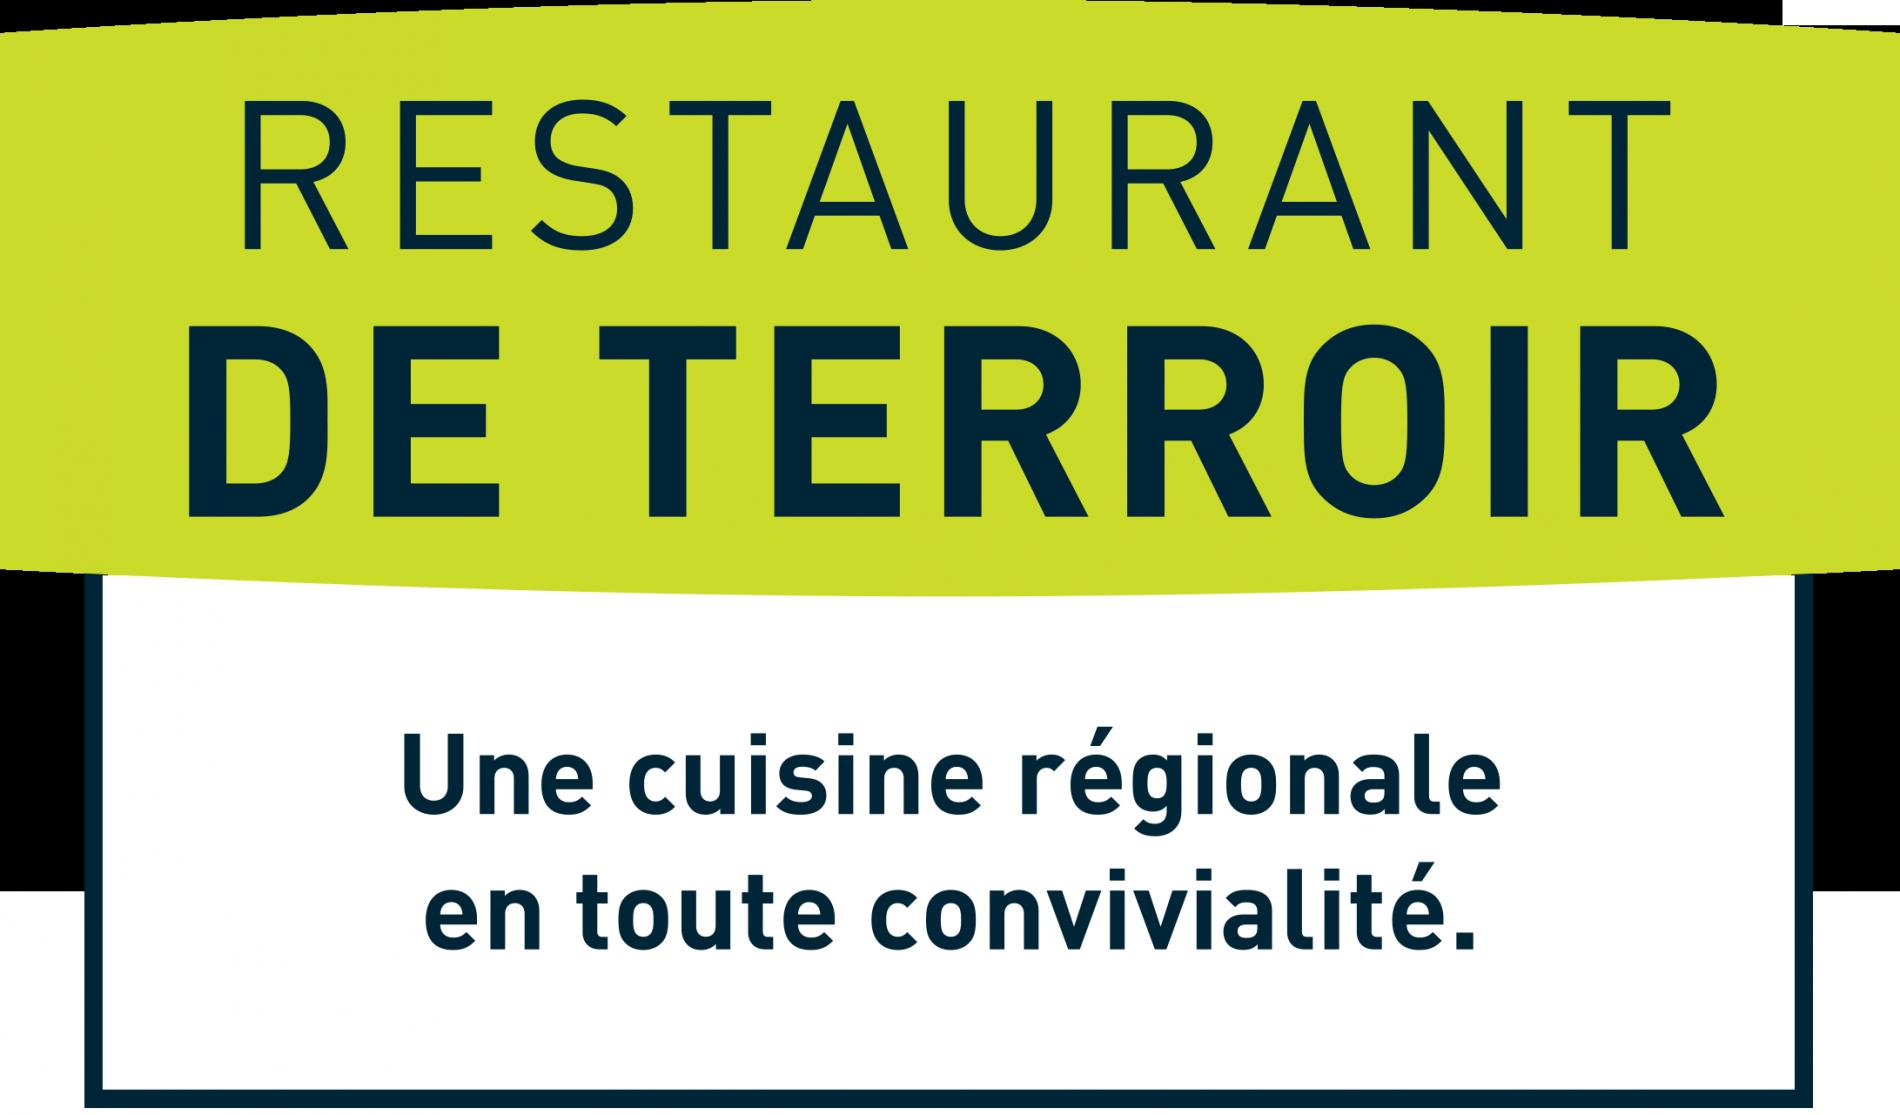 Logis Restaurant de Terroir Cote d'Opale